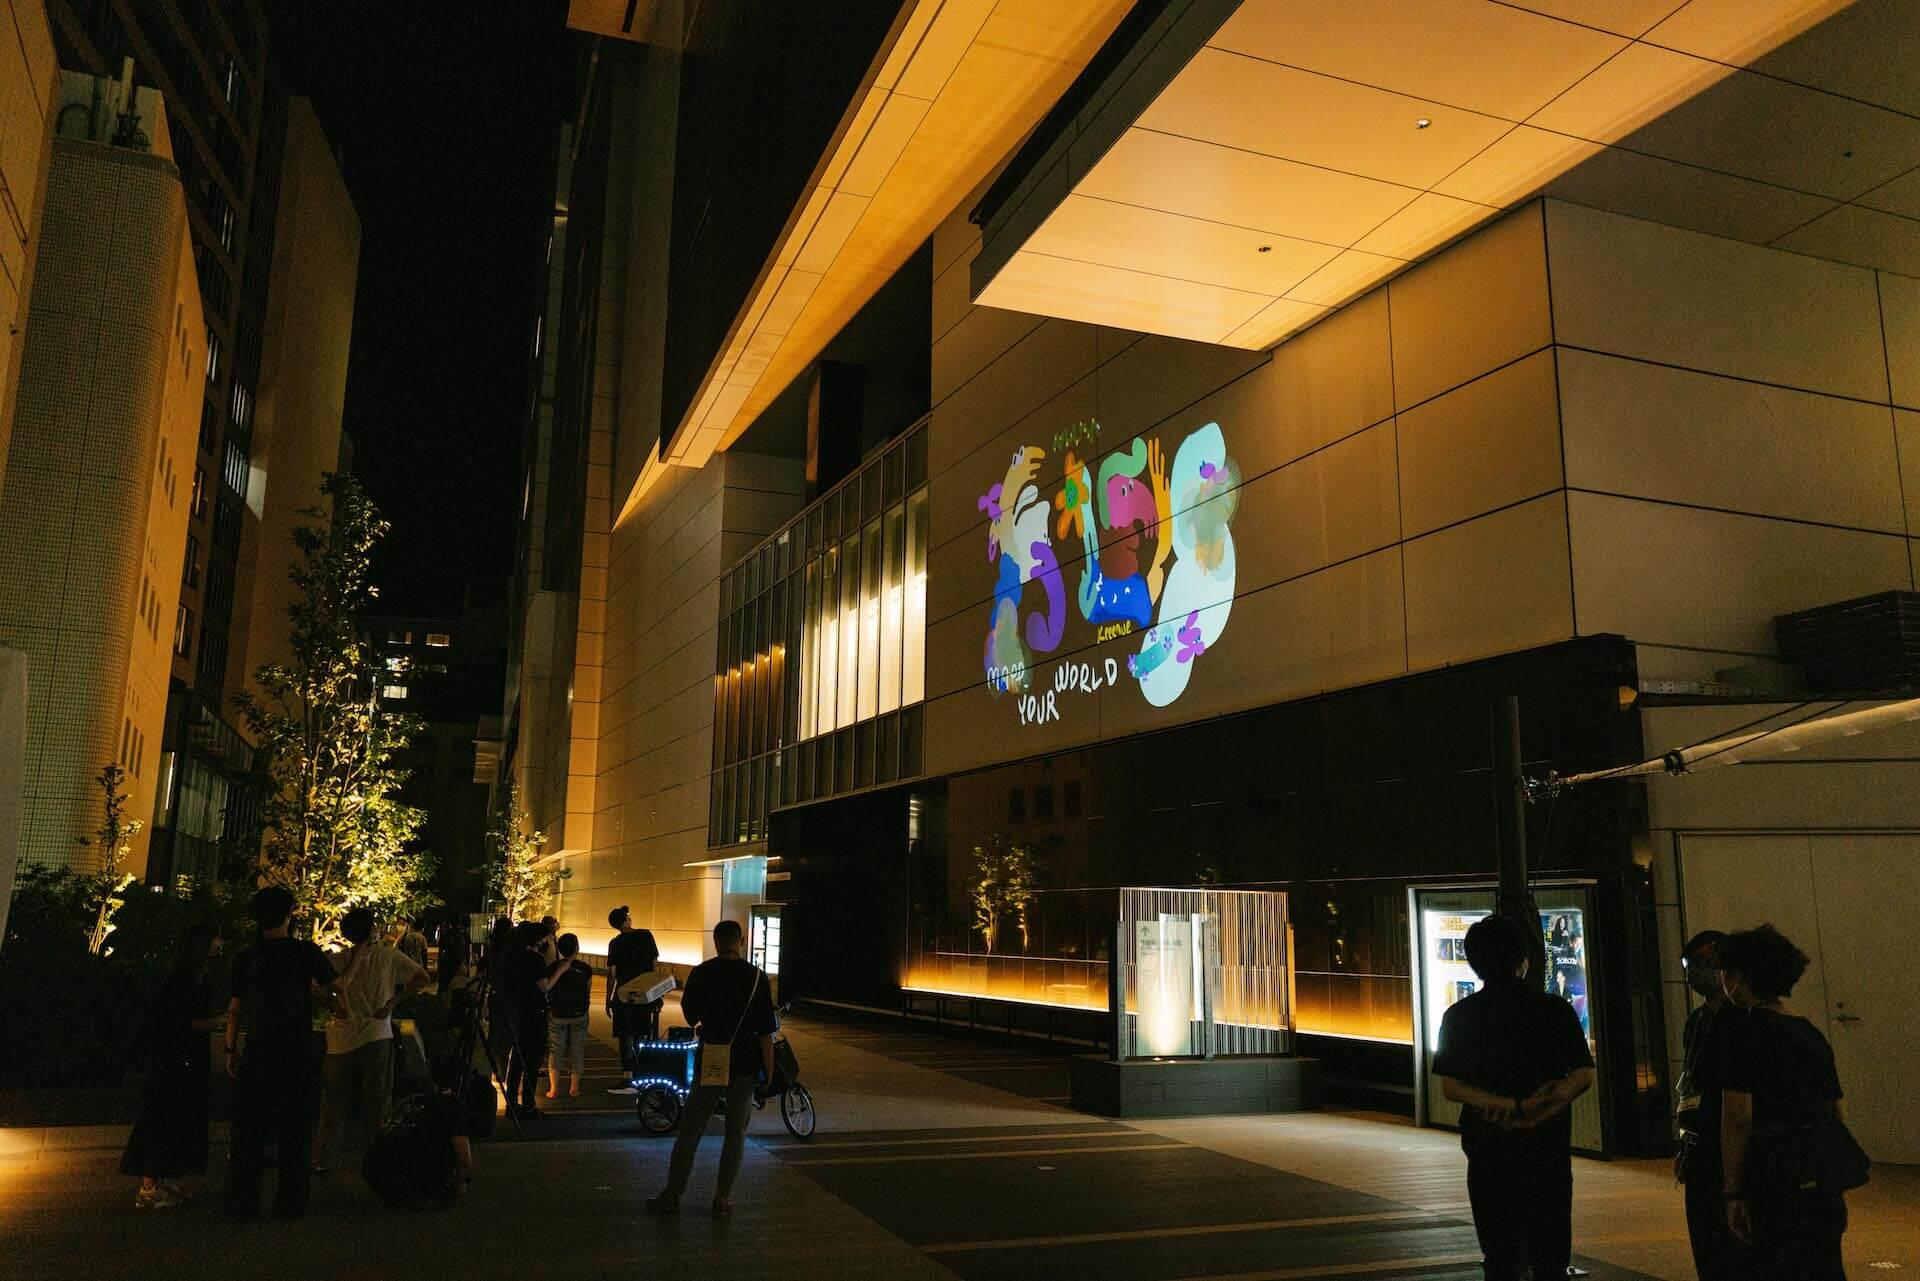 Keeenue × MAPP_ × ヒカリエデッキ|渋谷の夕景を彩るライブパフォーマンス column210802_mapp_your_world-05